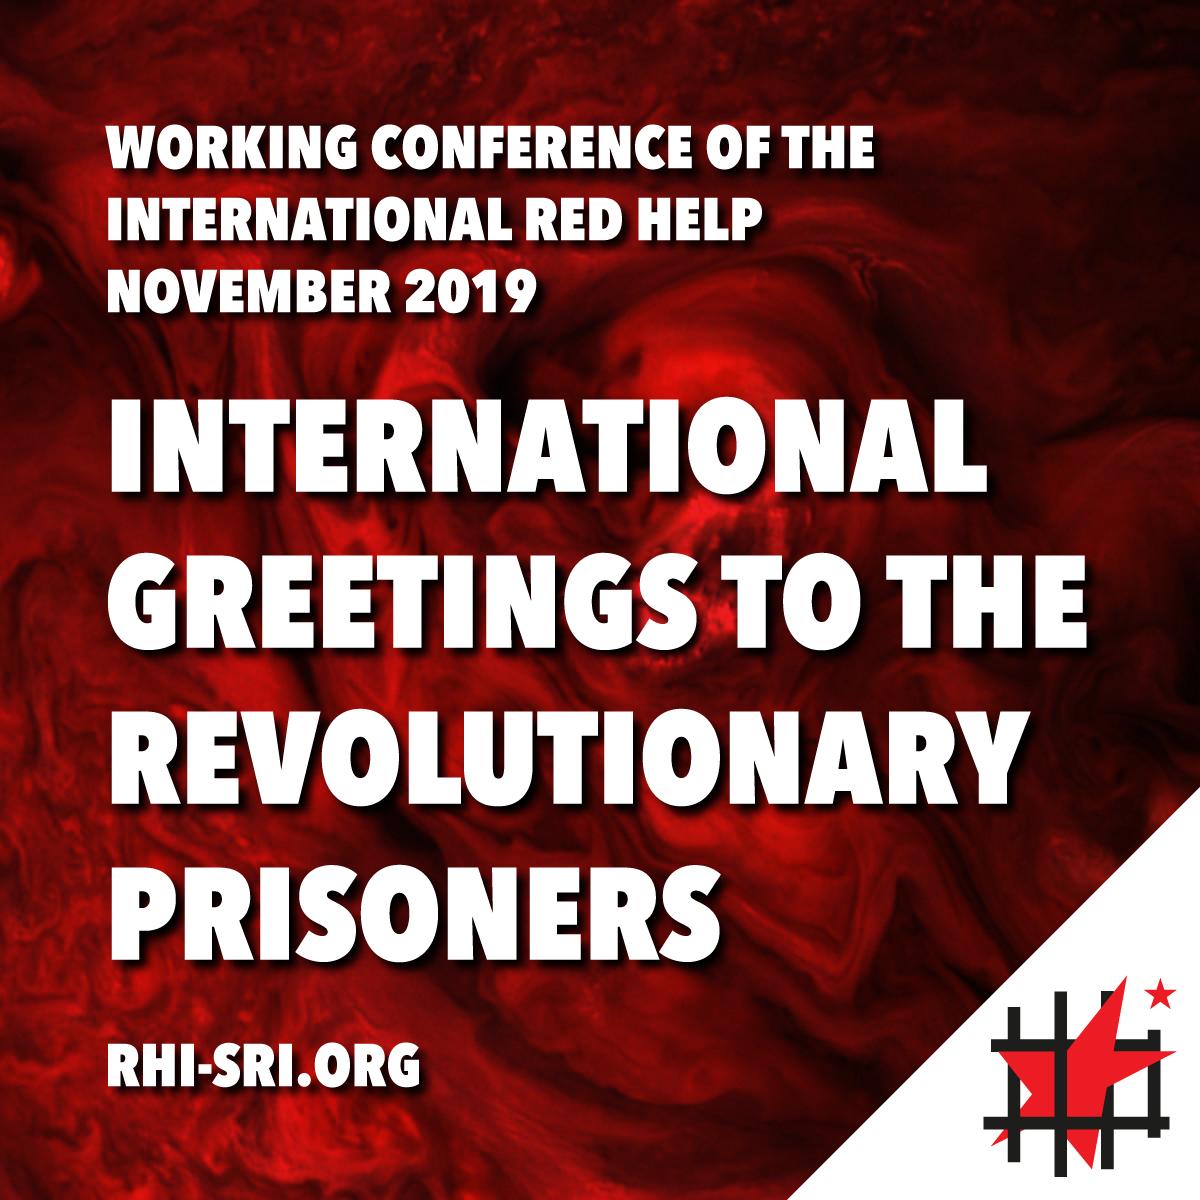 Salutations internationales aux prisonnier·e·s révolutionnaires